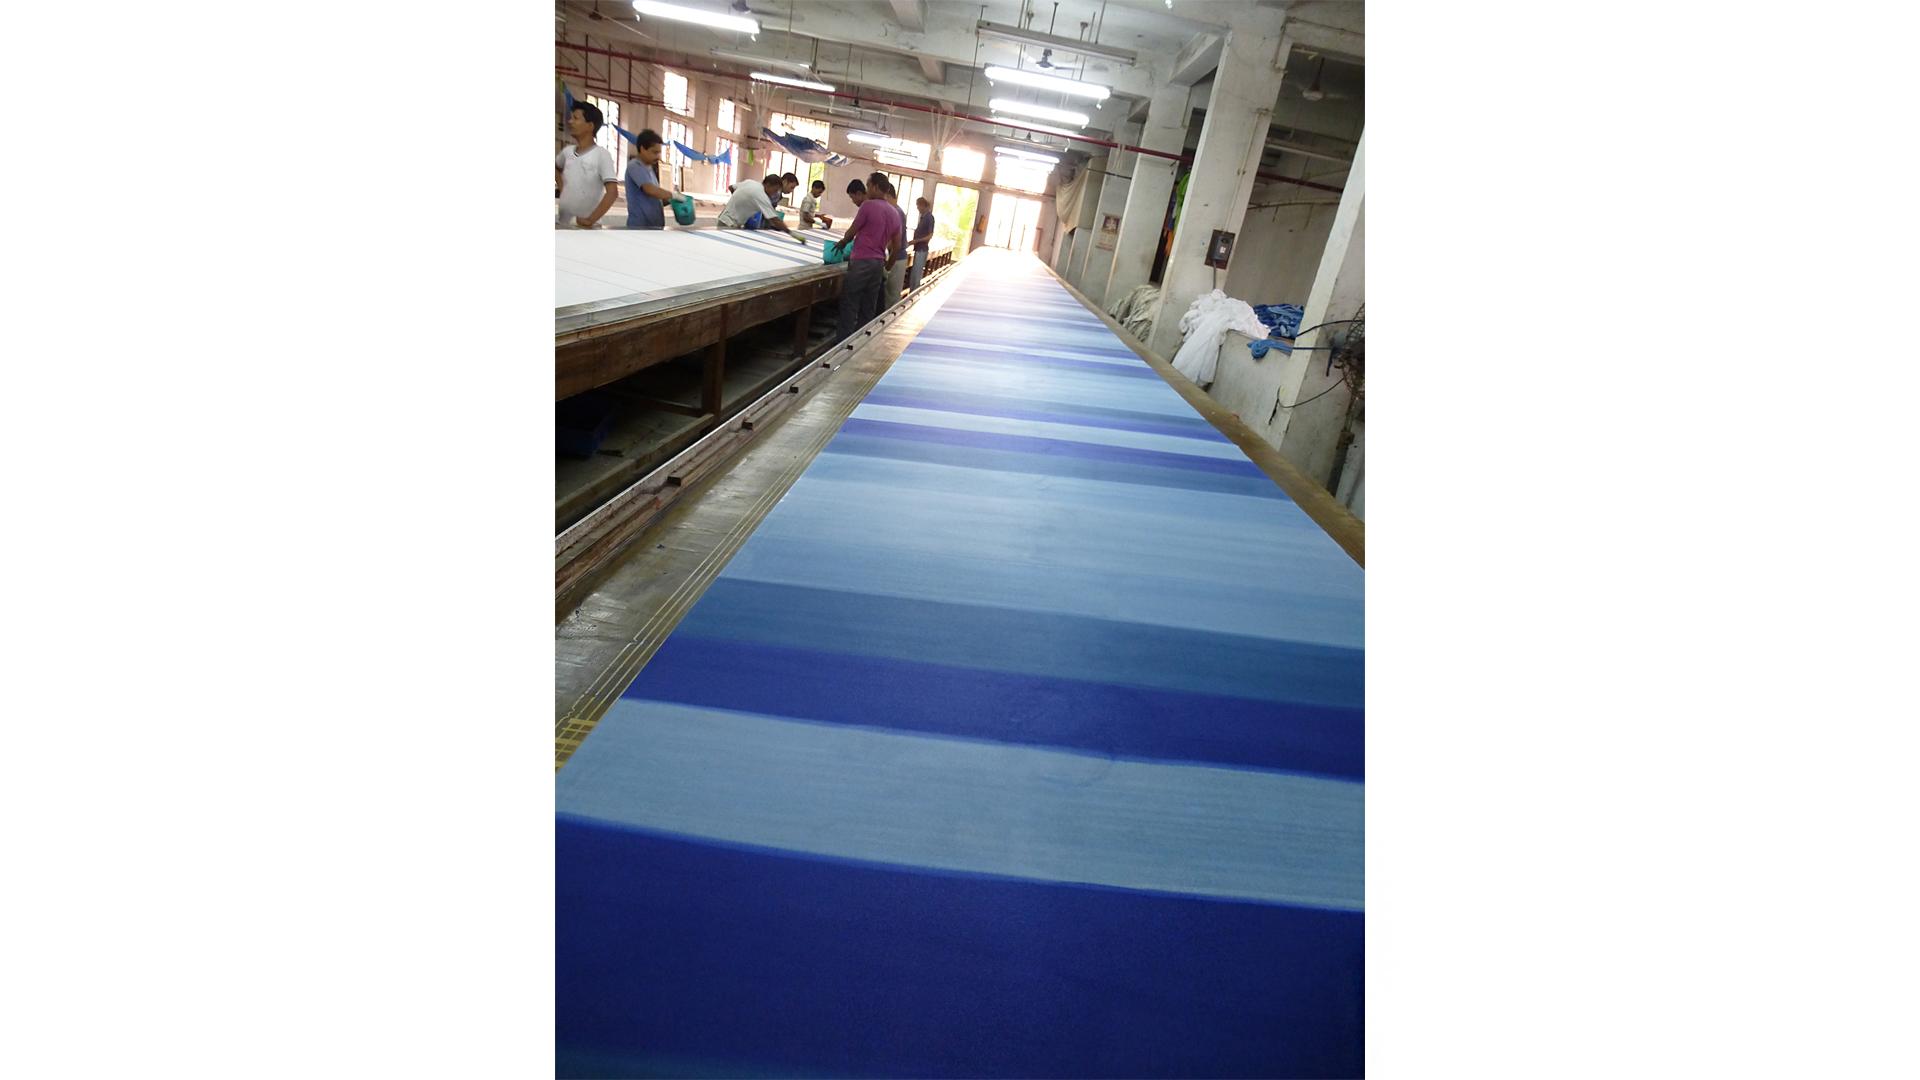 Durch die regelmäßigen Aufträge von Fair Trade-Organisationen wie der GEPA konnte EMA einen eigenen Betrieb in Baruipur aufbauen.